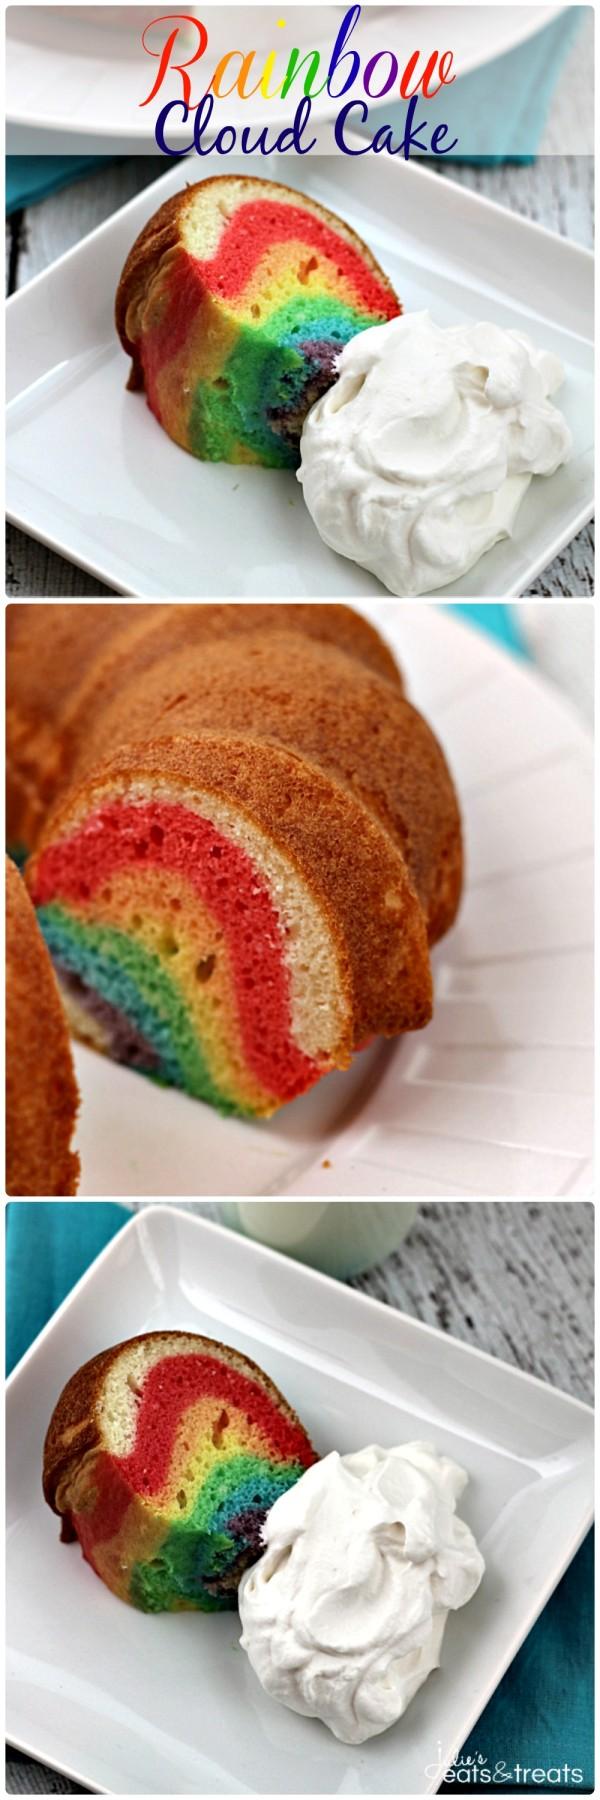 레인보우 마블 번트 클라우드 케이크